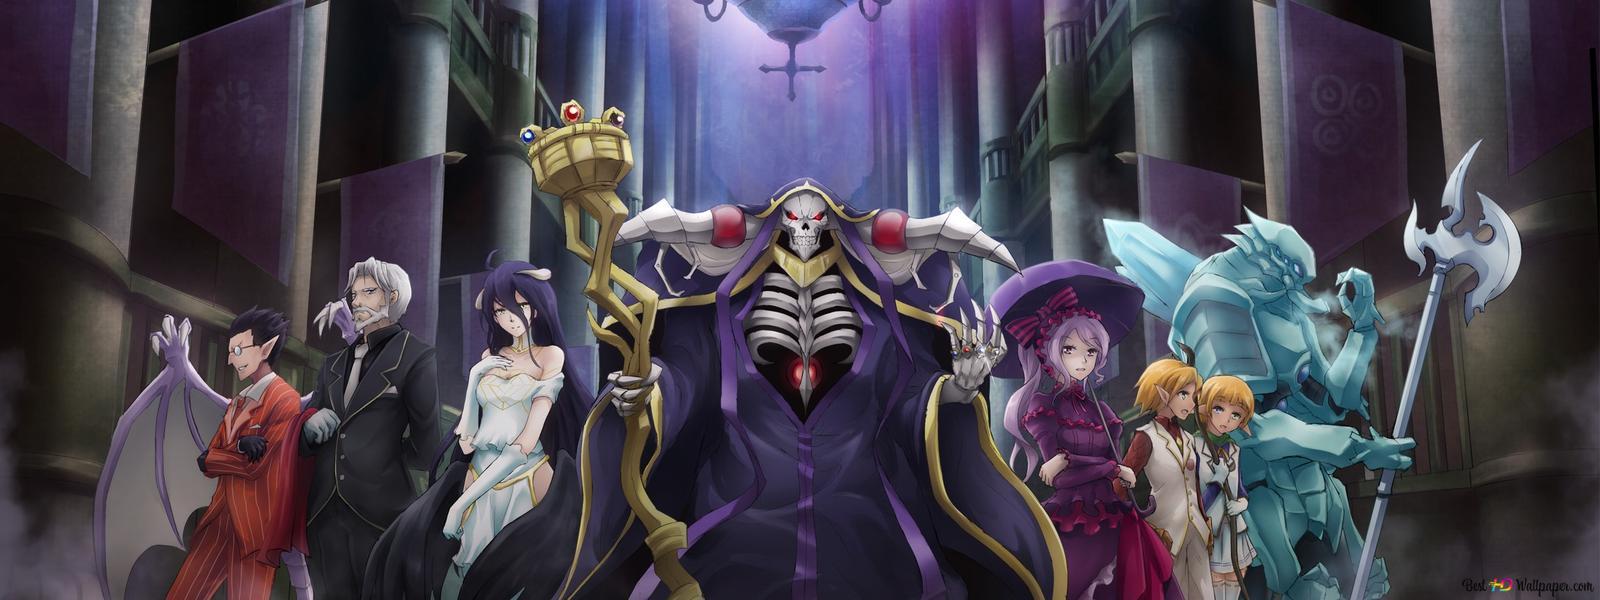 Overlord - Ainz Ooal Gown Tải xuống hình nền HD